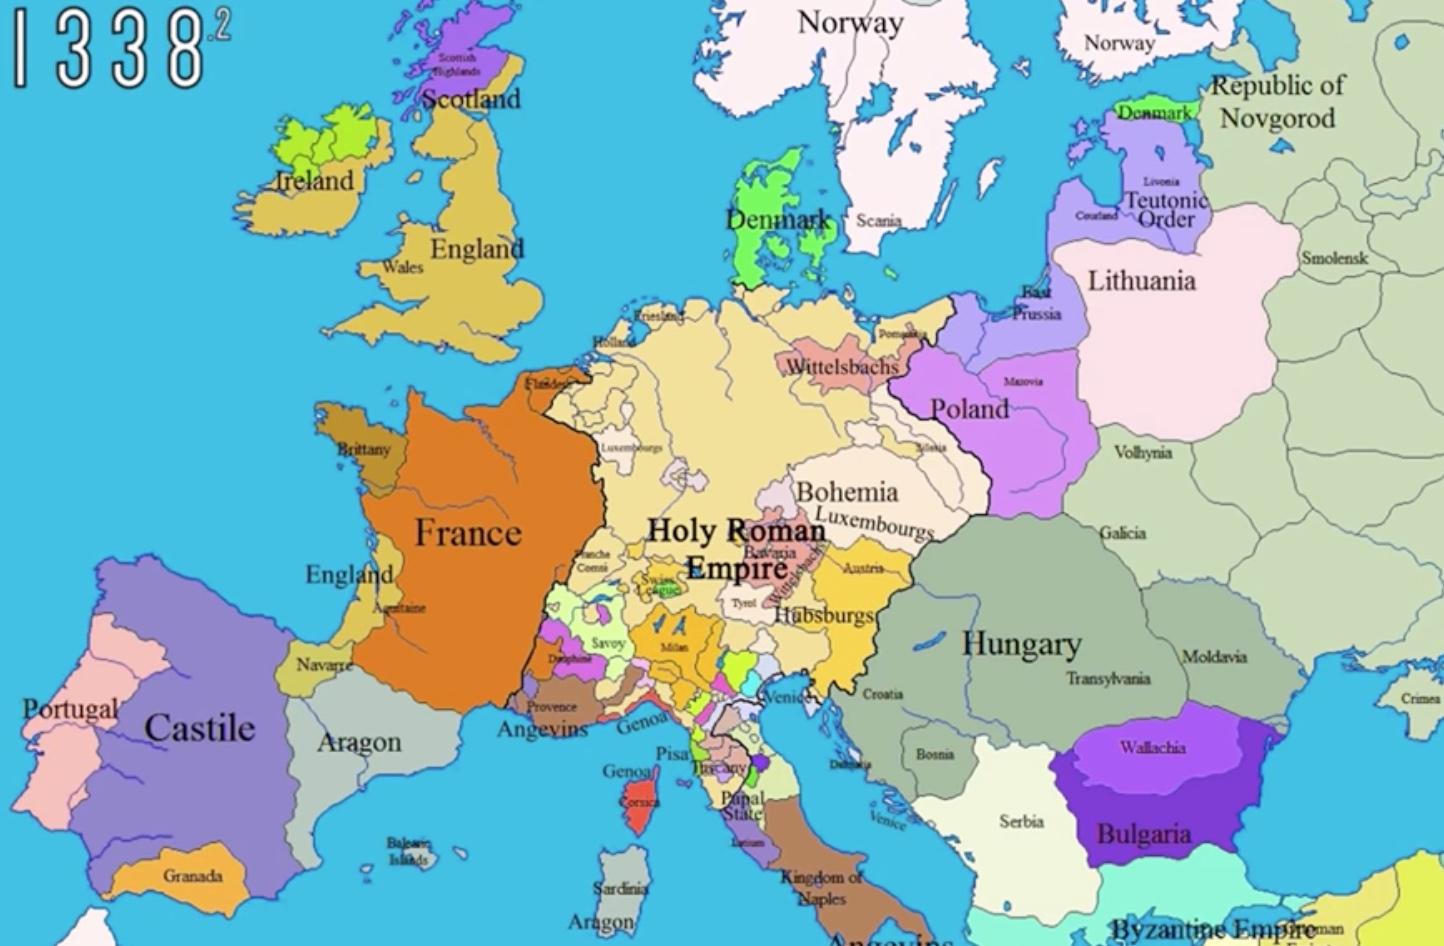 Carte Europe Zoom.Geopolitique Historique De L Europe 1000 2000 En Cartes